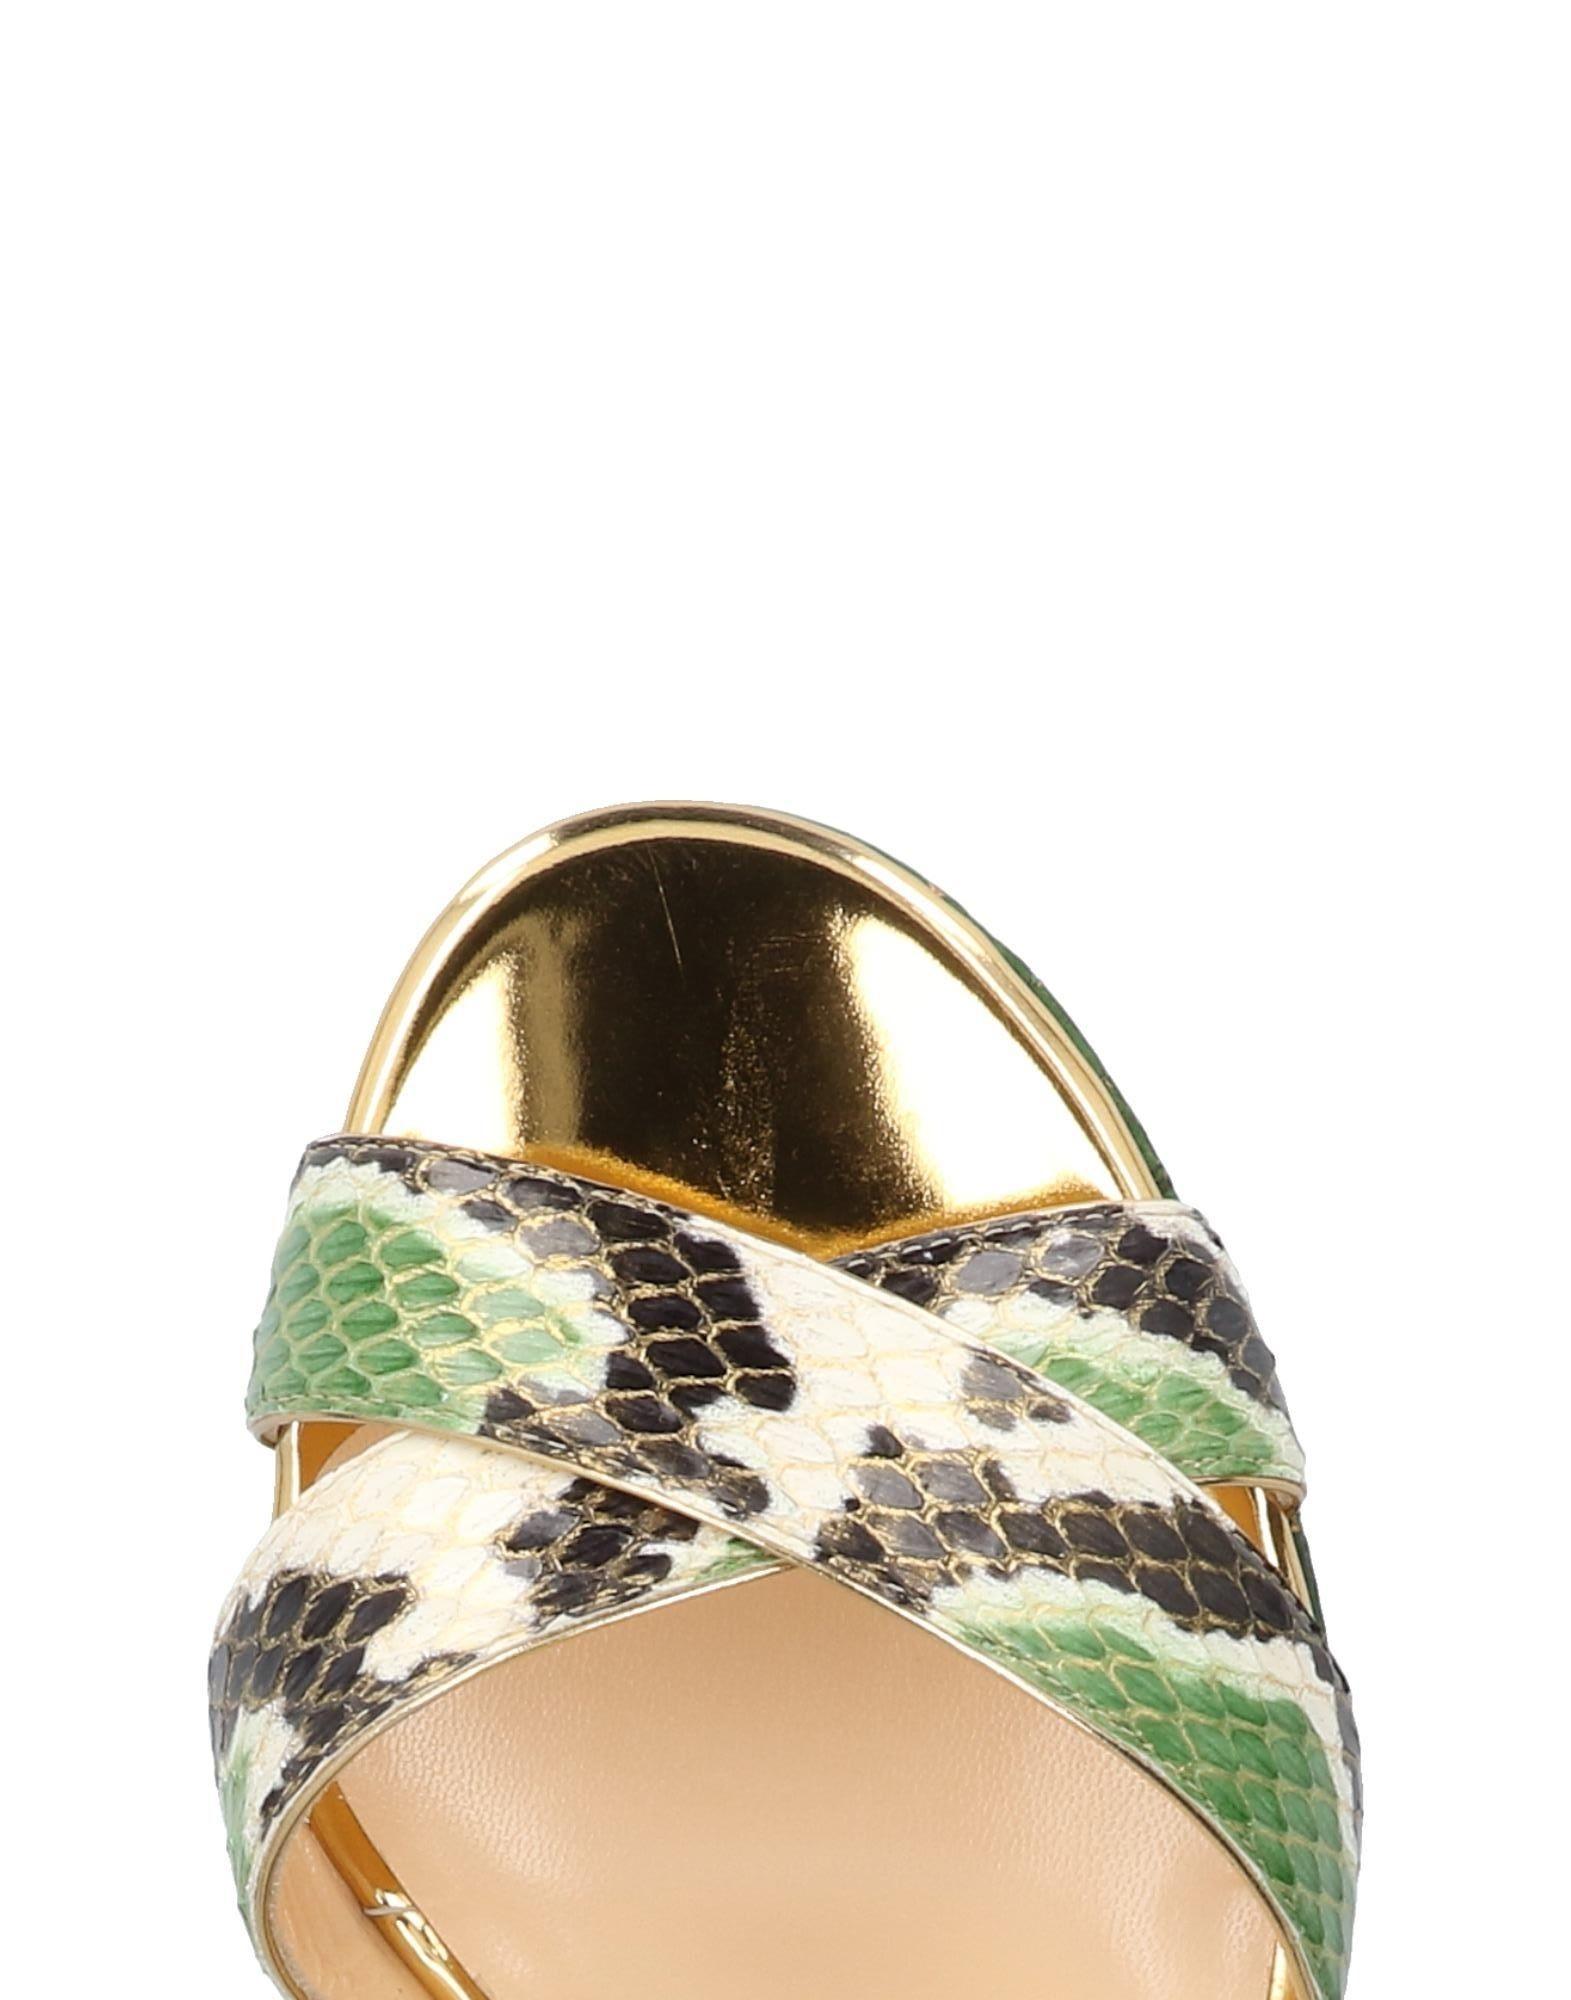 Stilvolle Damen billige Schuhe Ballin Sandalen Damen Stilvolle  11432001HN 43076d